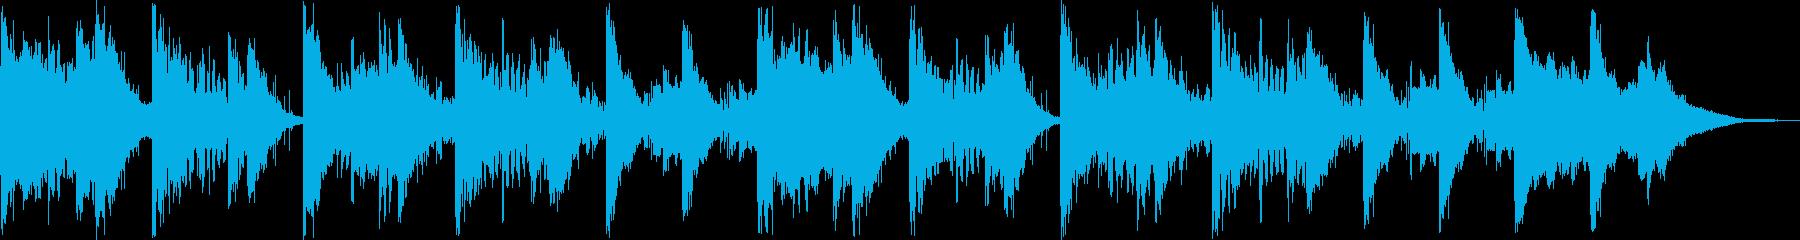 海を想像するリラクゼーション曲の再生済みの波形